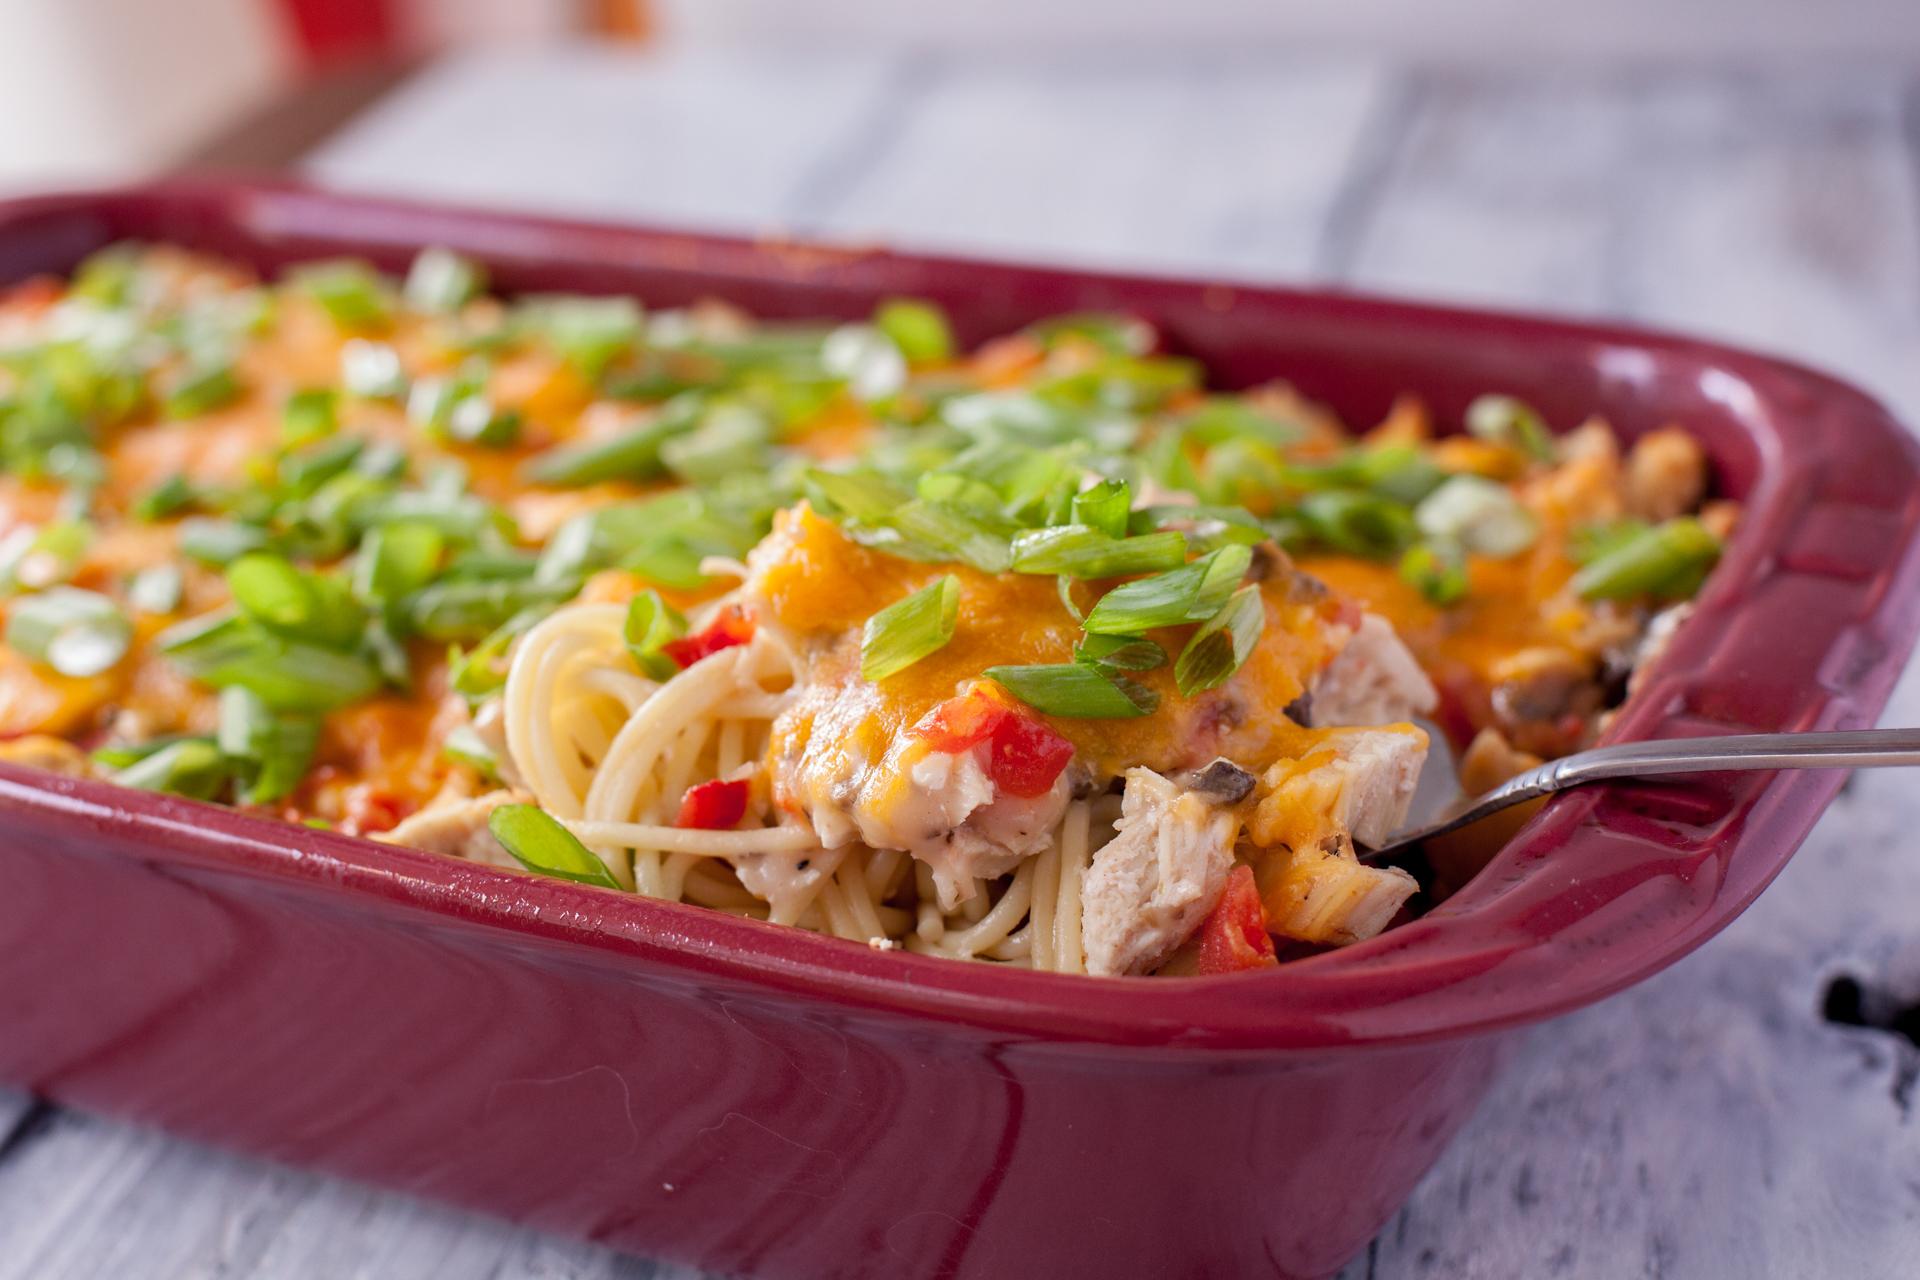 Ro-tel Chicken Spaghetti Recipe